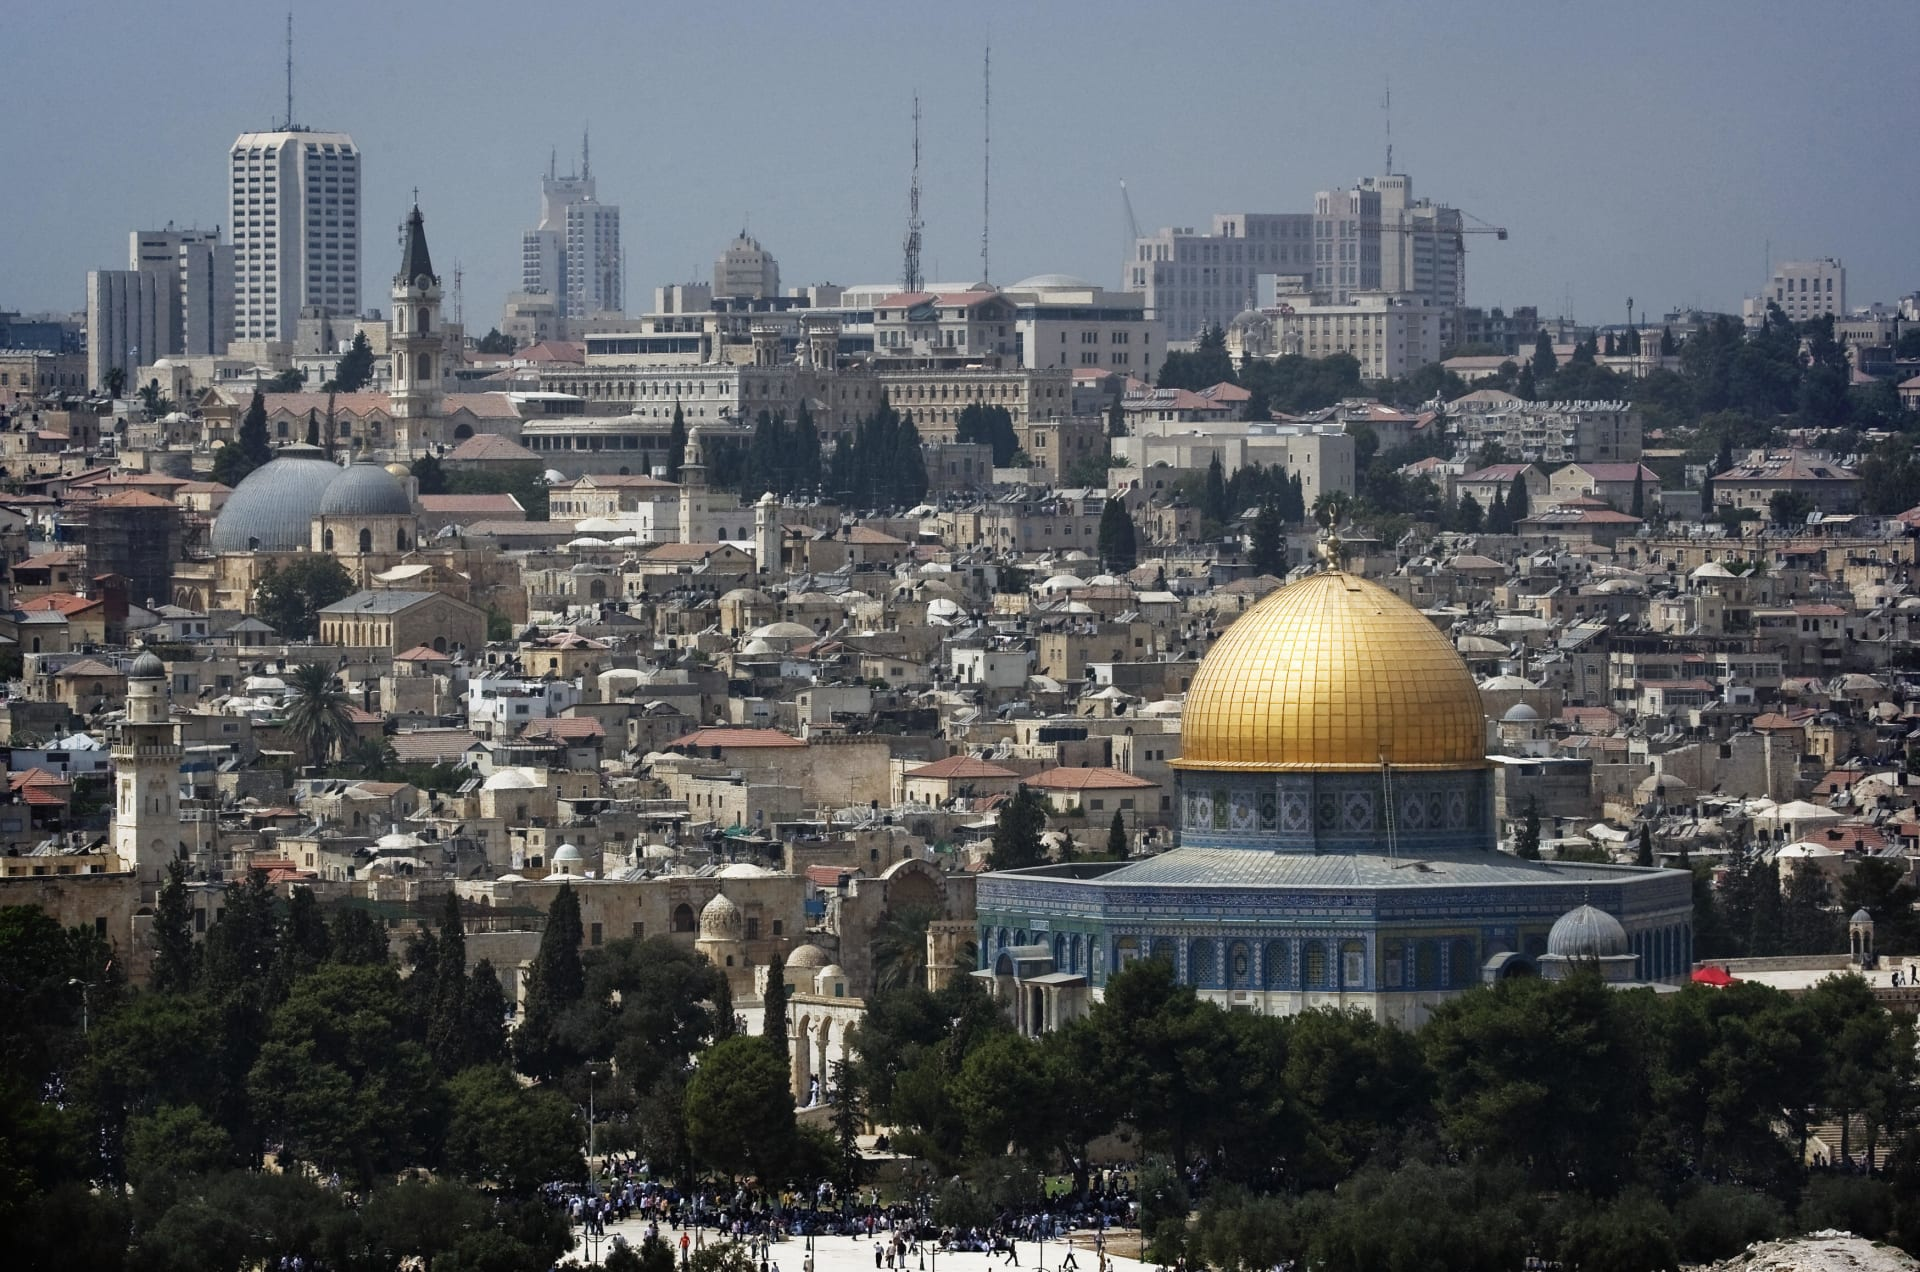 ترامب يبارك لإسرائيل: نتطلع لنقل سفارتنا للقدس الشهر القادم